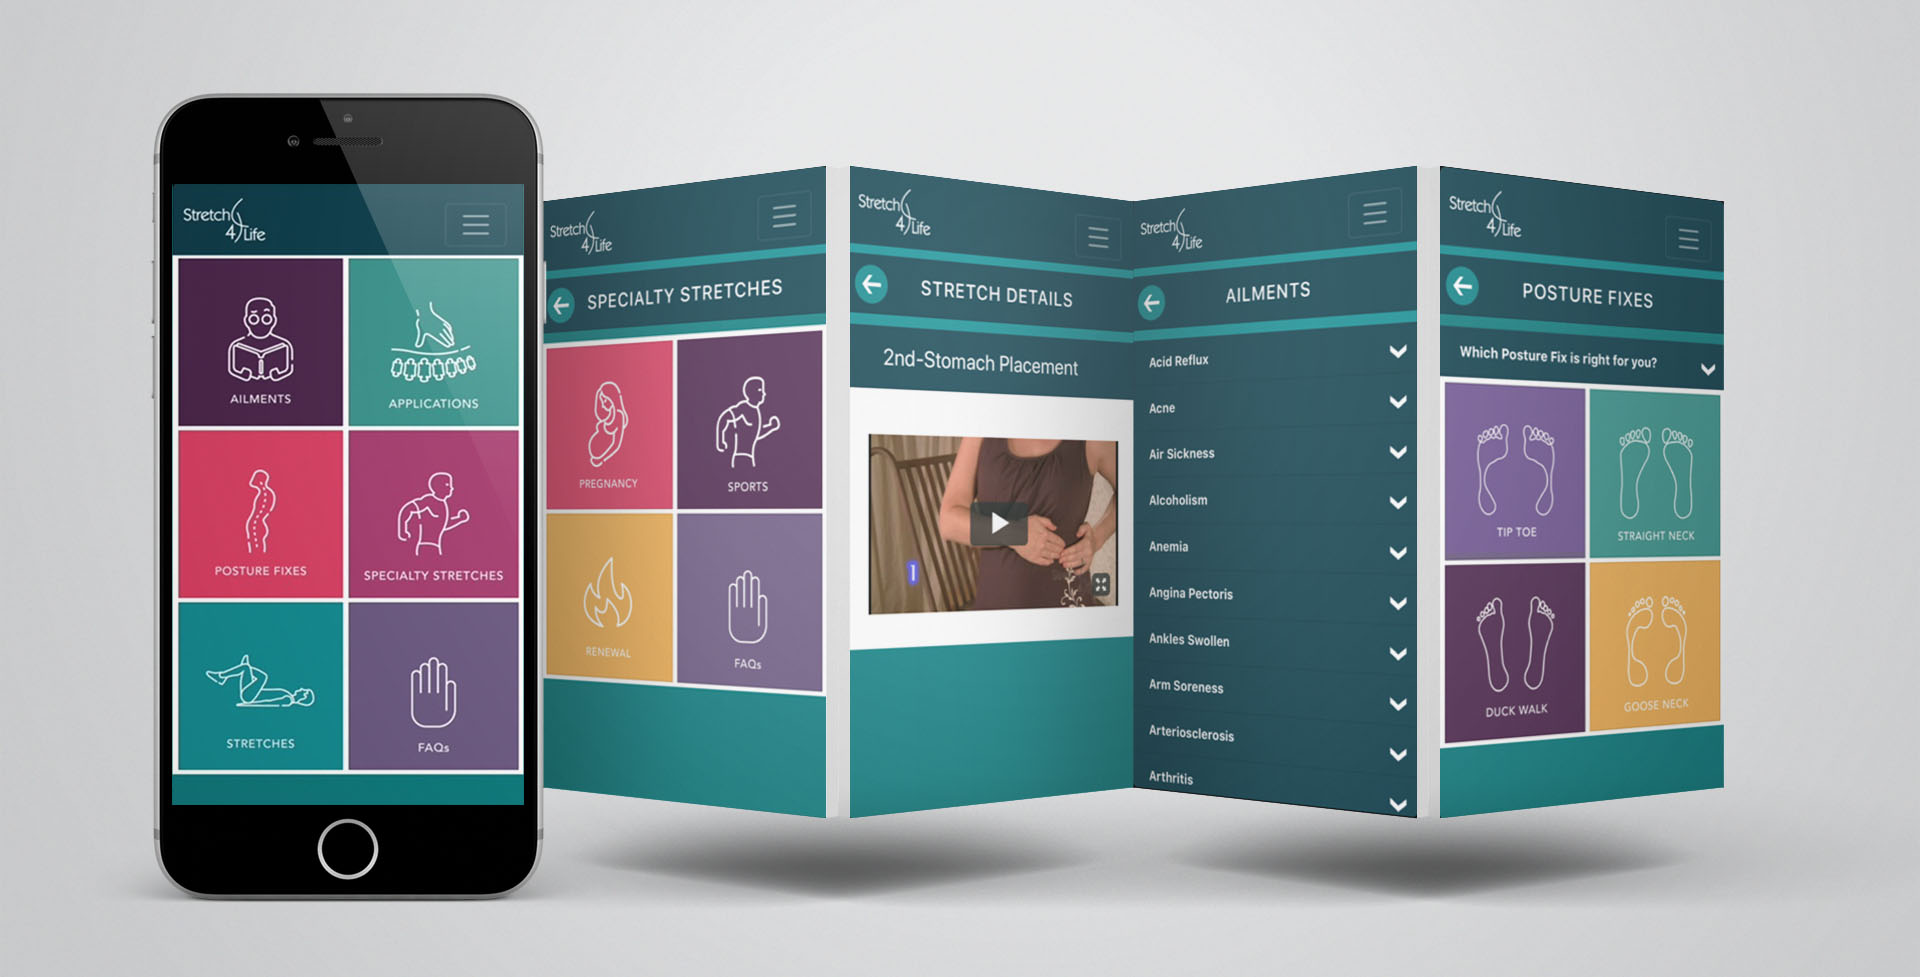 Stretch4Life App